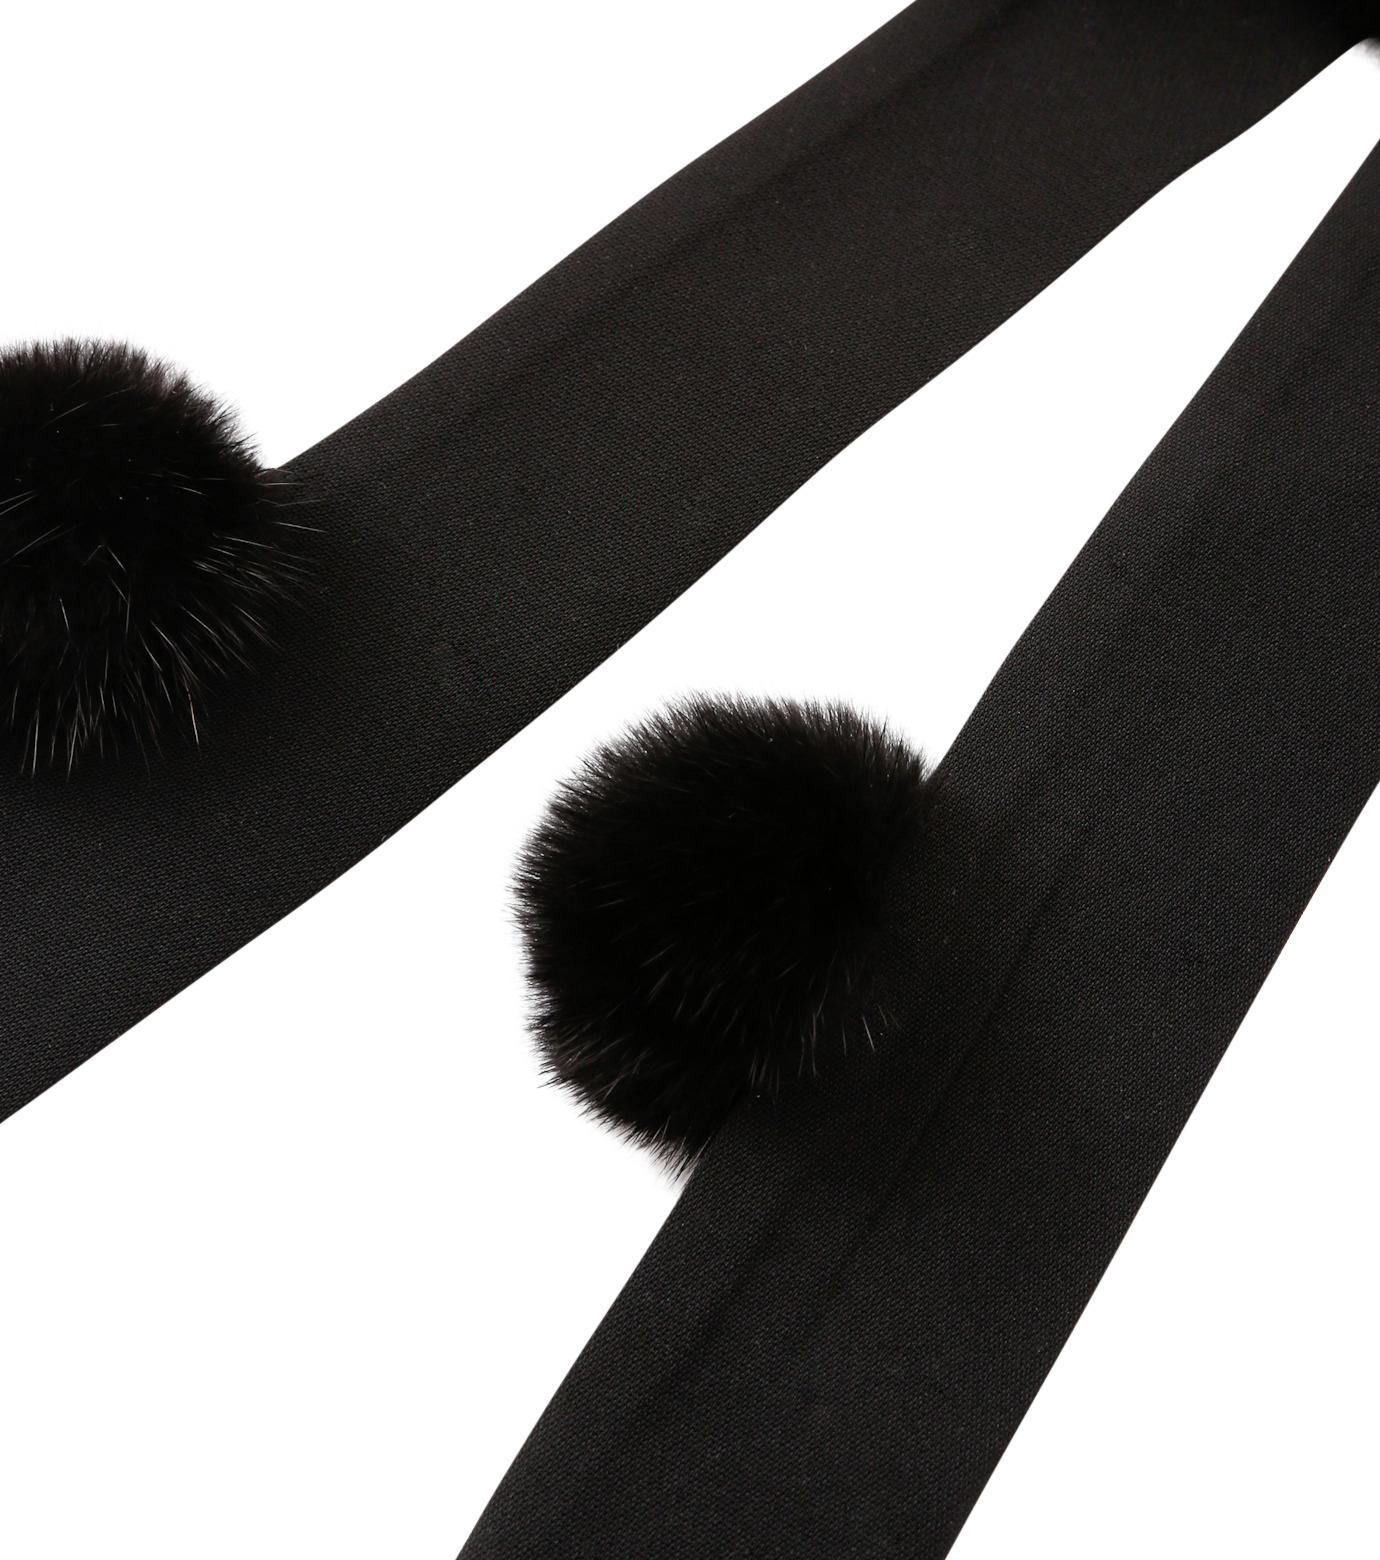 IRENE(アイレネ)のミンクボウ-BLACK(アクセサリー/accessory)-18A80015 拡大詳細画像3